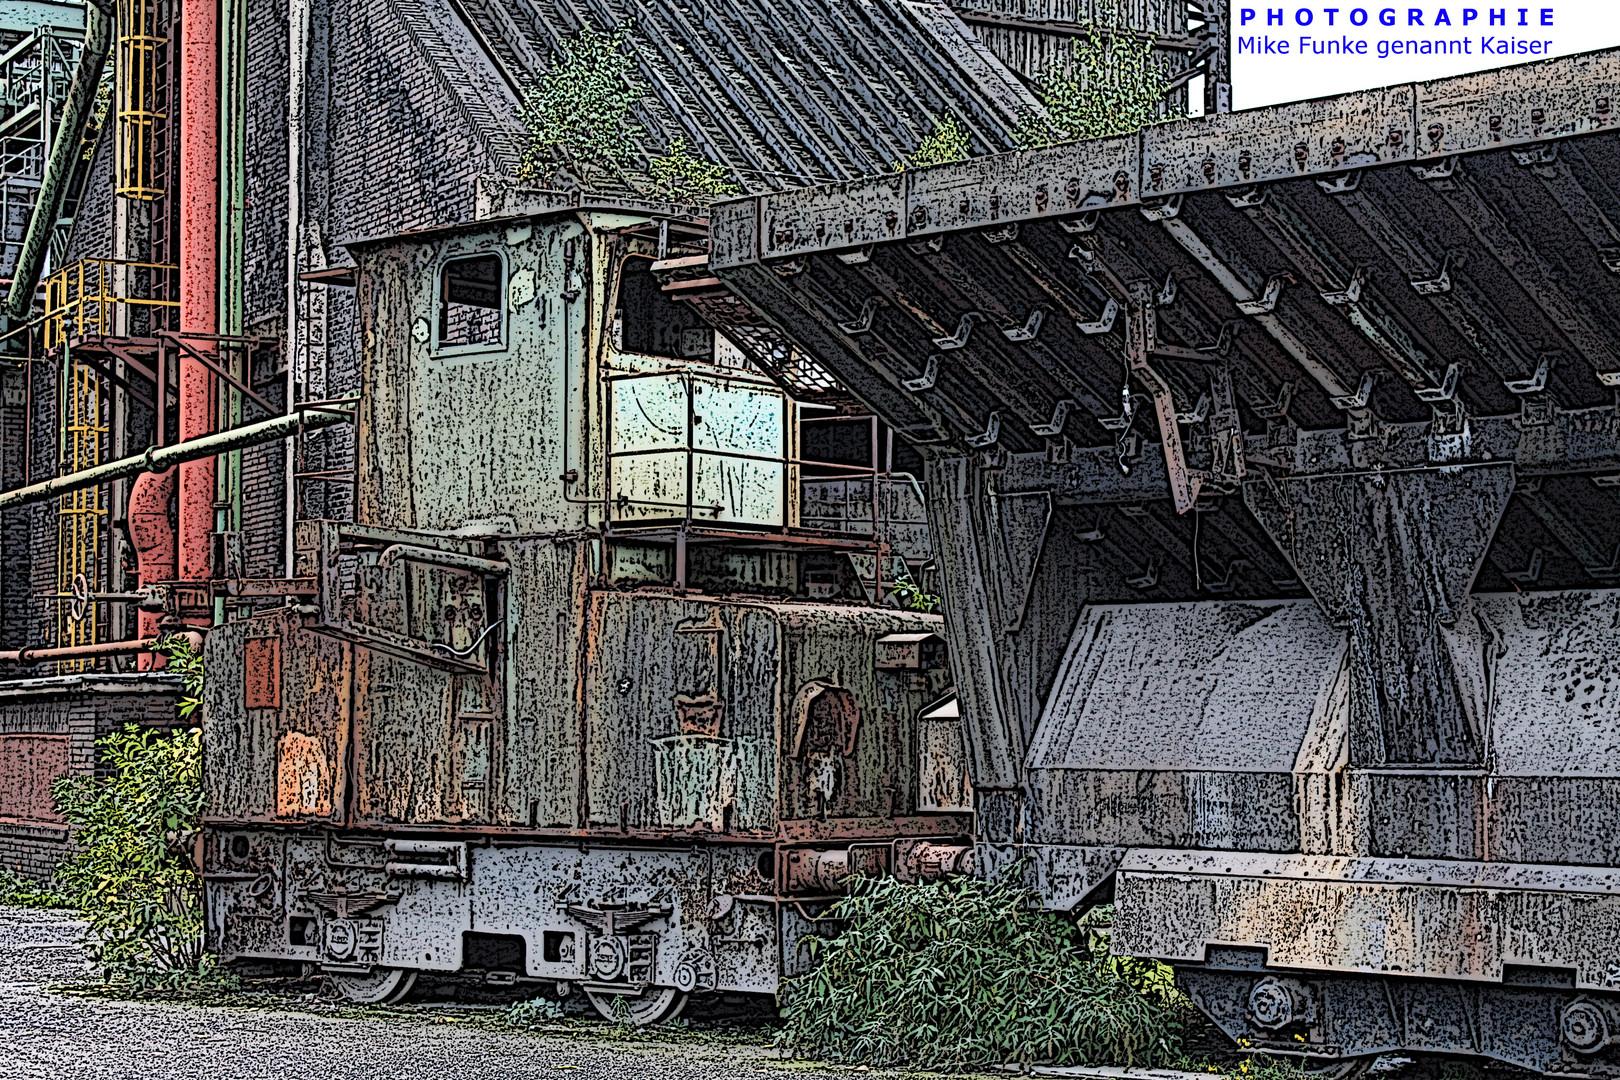 Zollverein - Cartoon Art